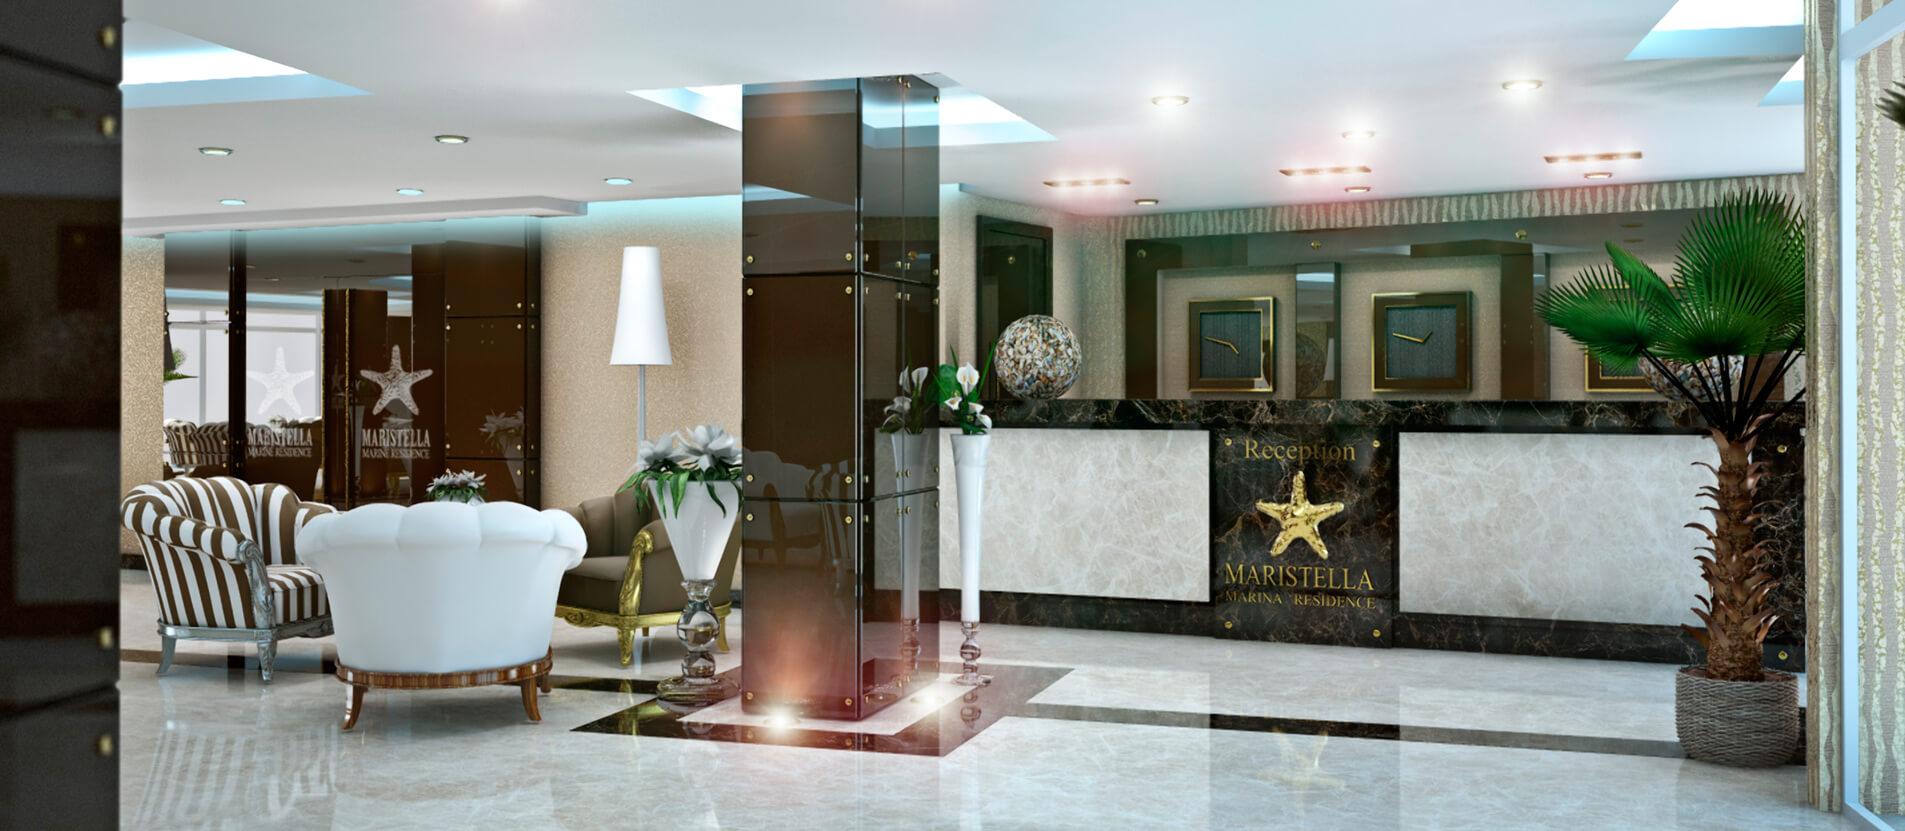 партнеры отеля маристелла